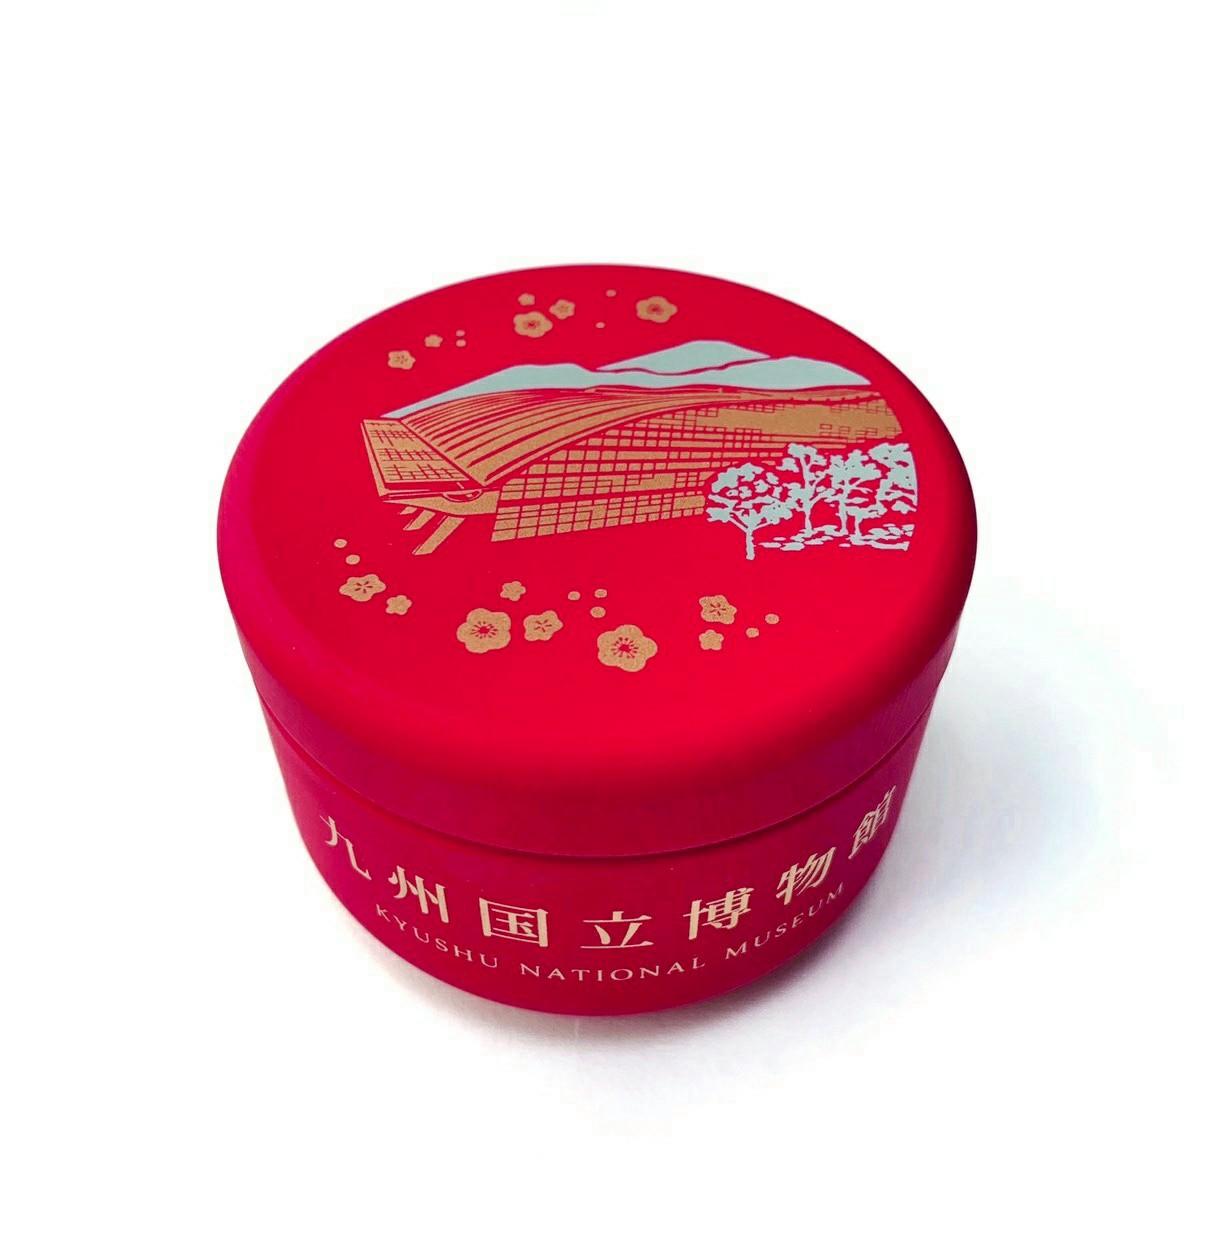 オリジナル金平糖缶 外観・赤